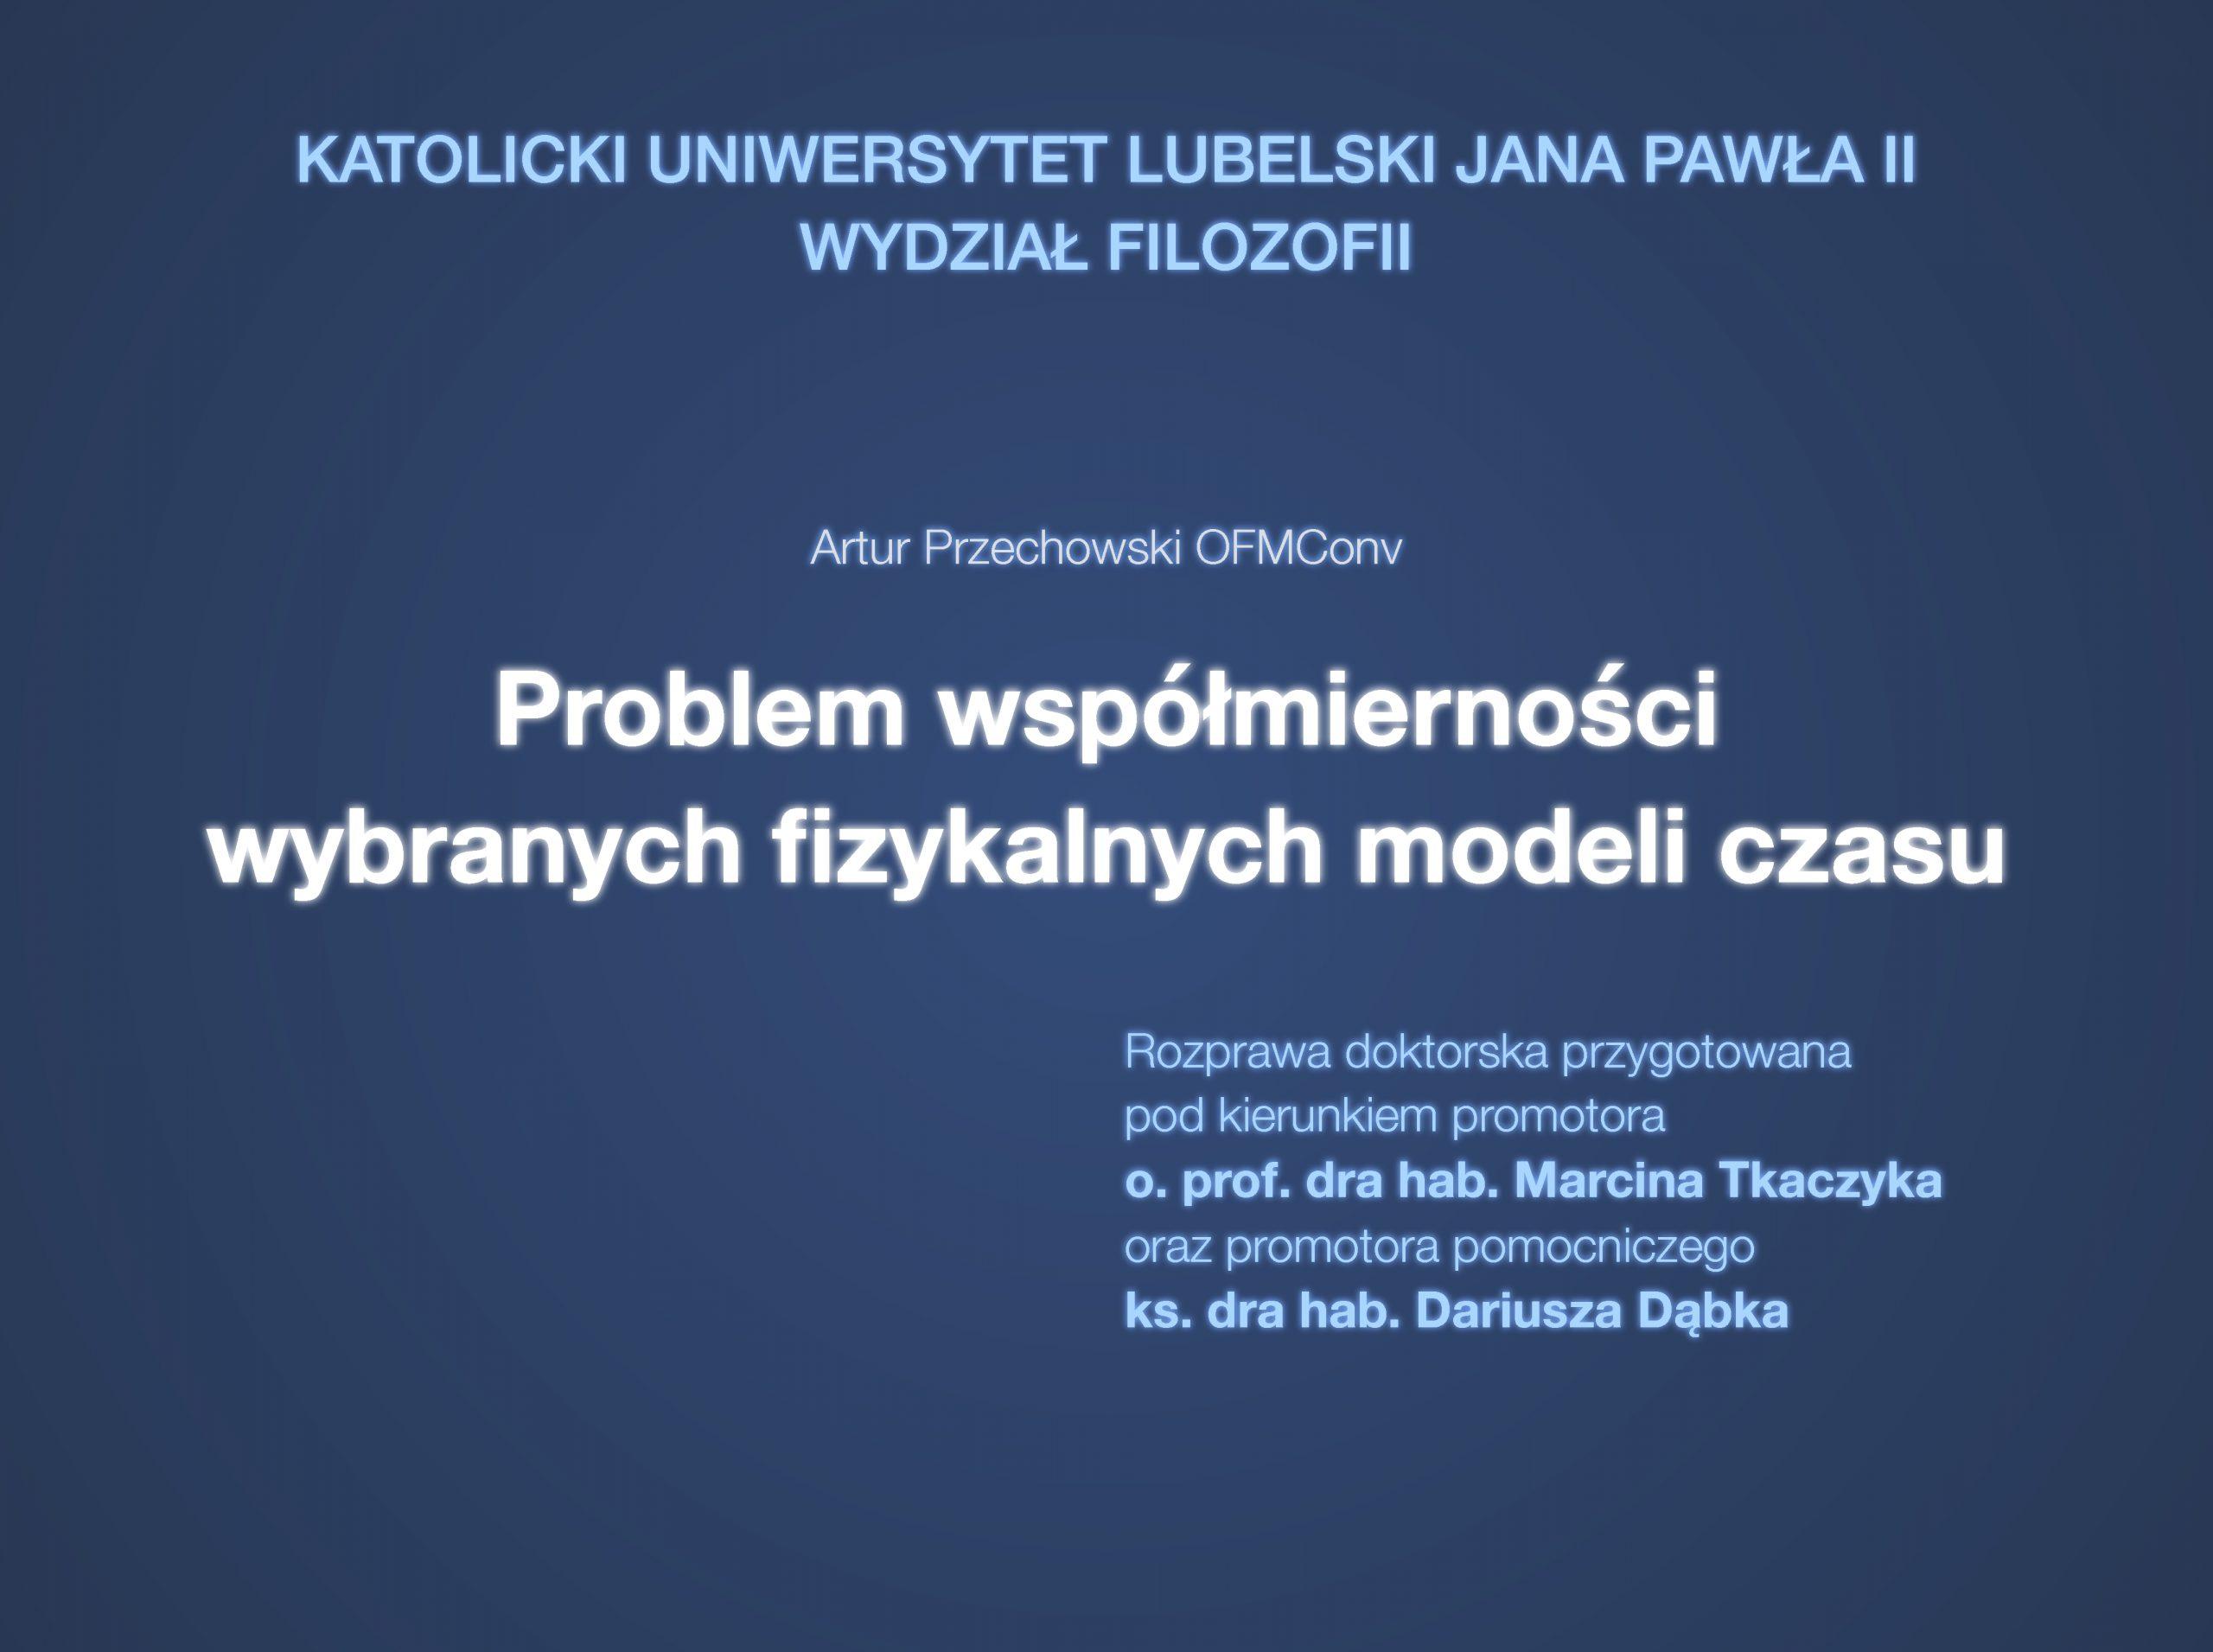 Problem współmierności wybranych fizykalnych modeli czasu - Artur Przechowski